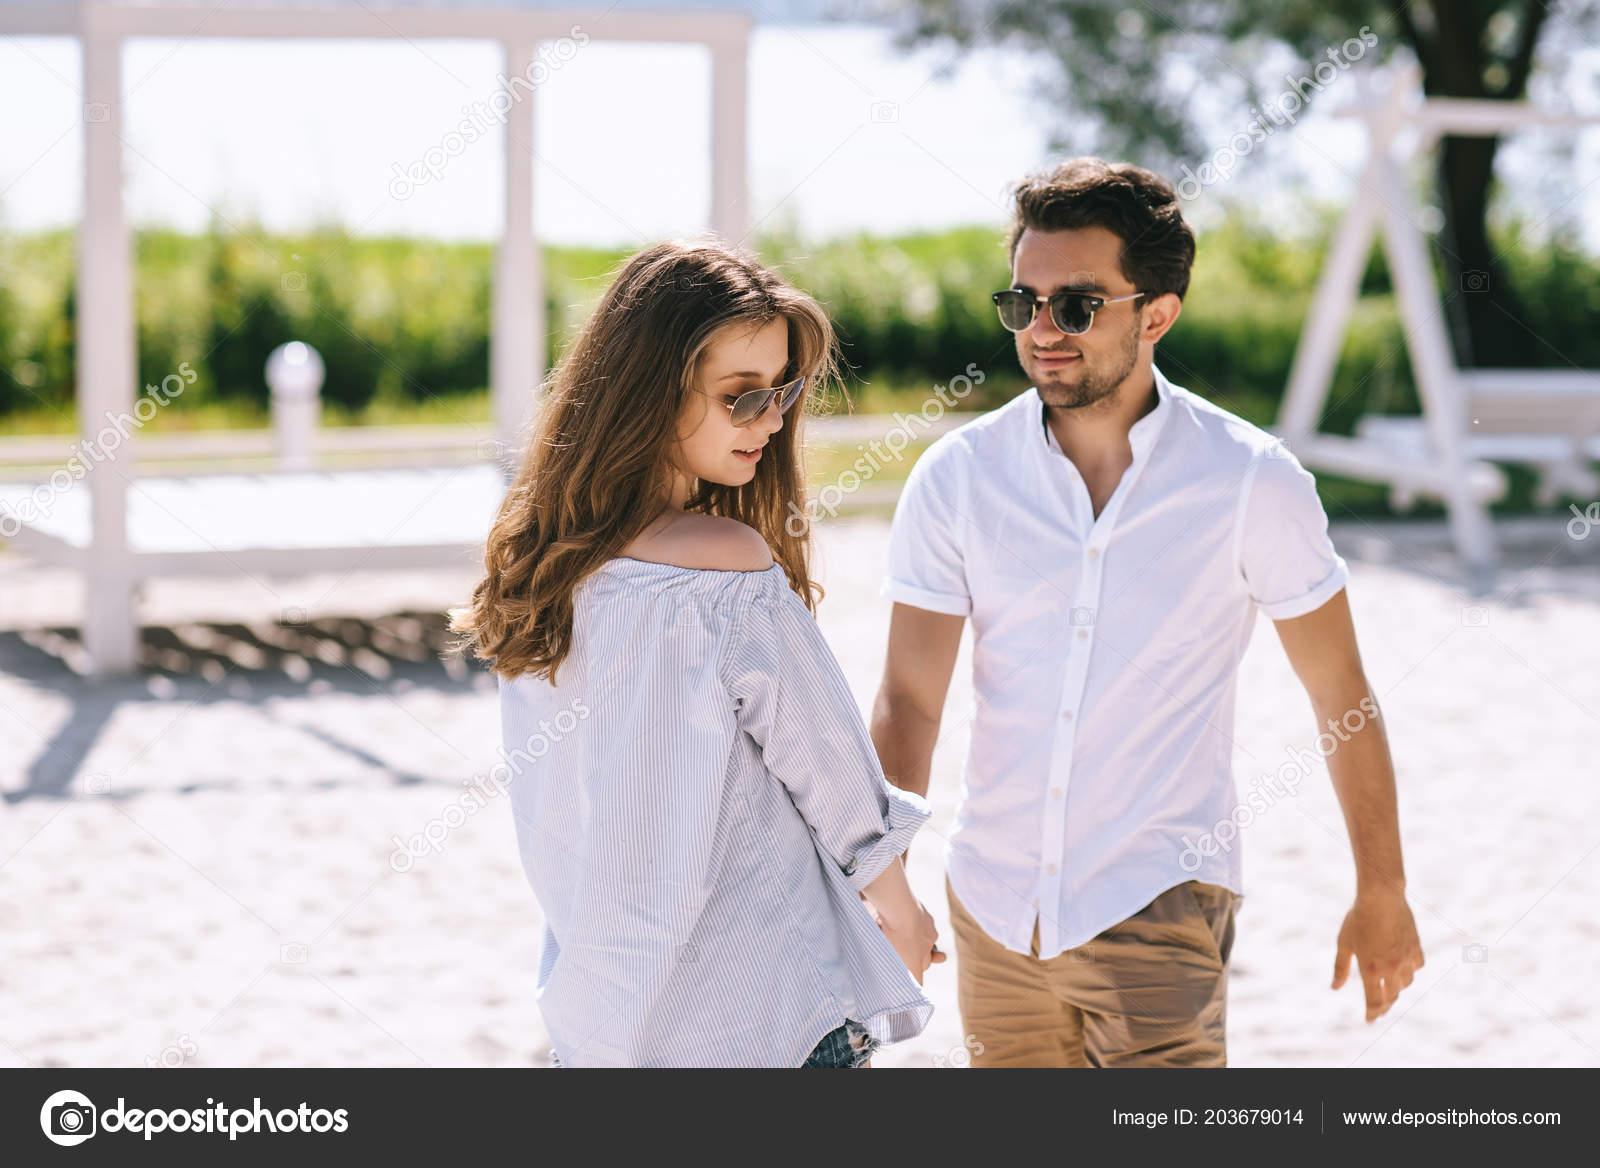 Dating φωτογραφίες με ρούχα